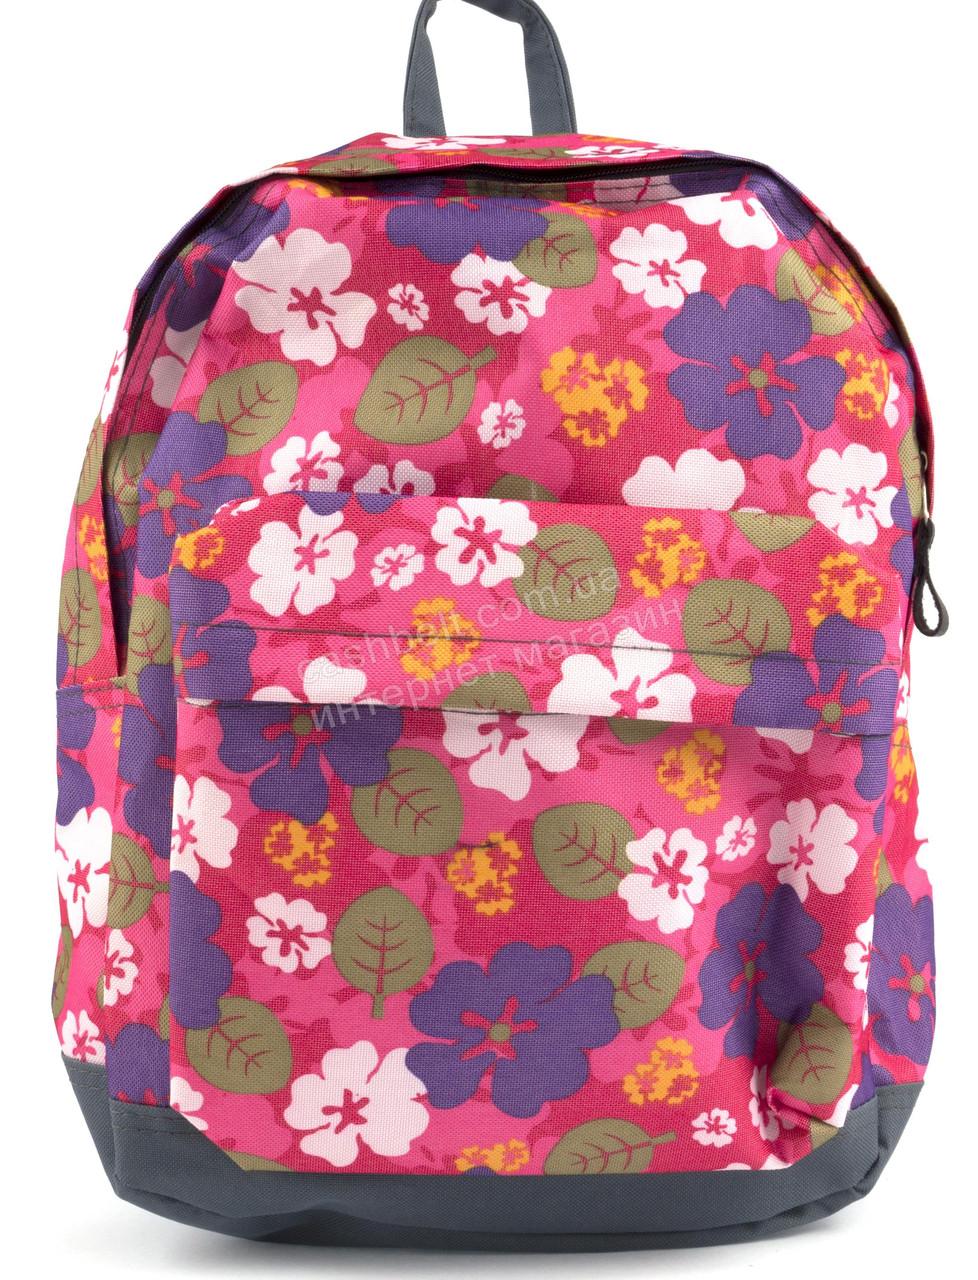 Спортивный качественный женский рюкзак с жесткой спинкой WALLABY art. 1354 цветочки